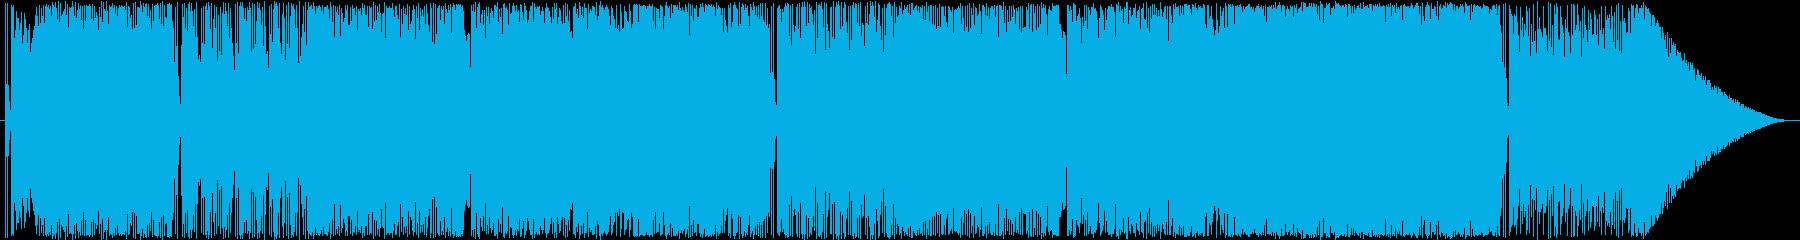 チープな懐かしい感じの夏曲の再生済みの波形